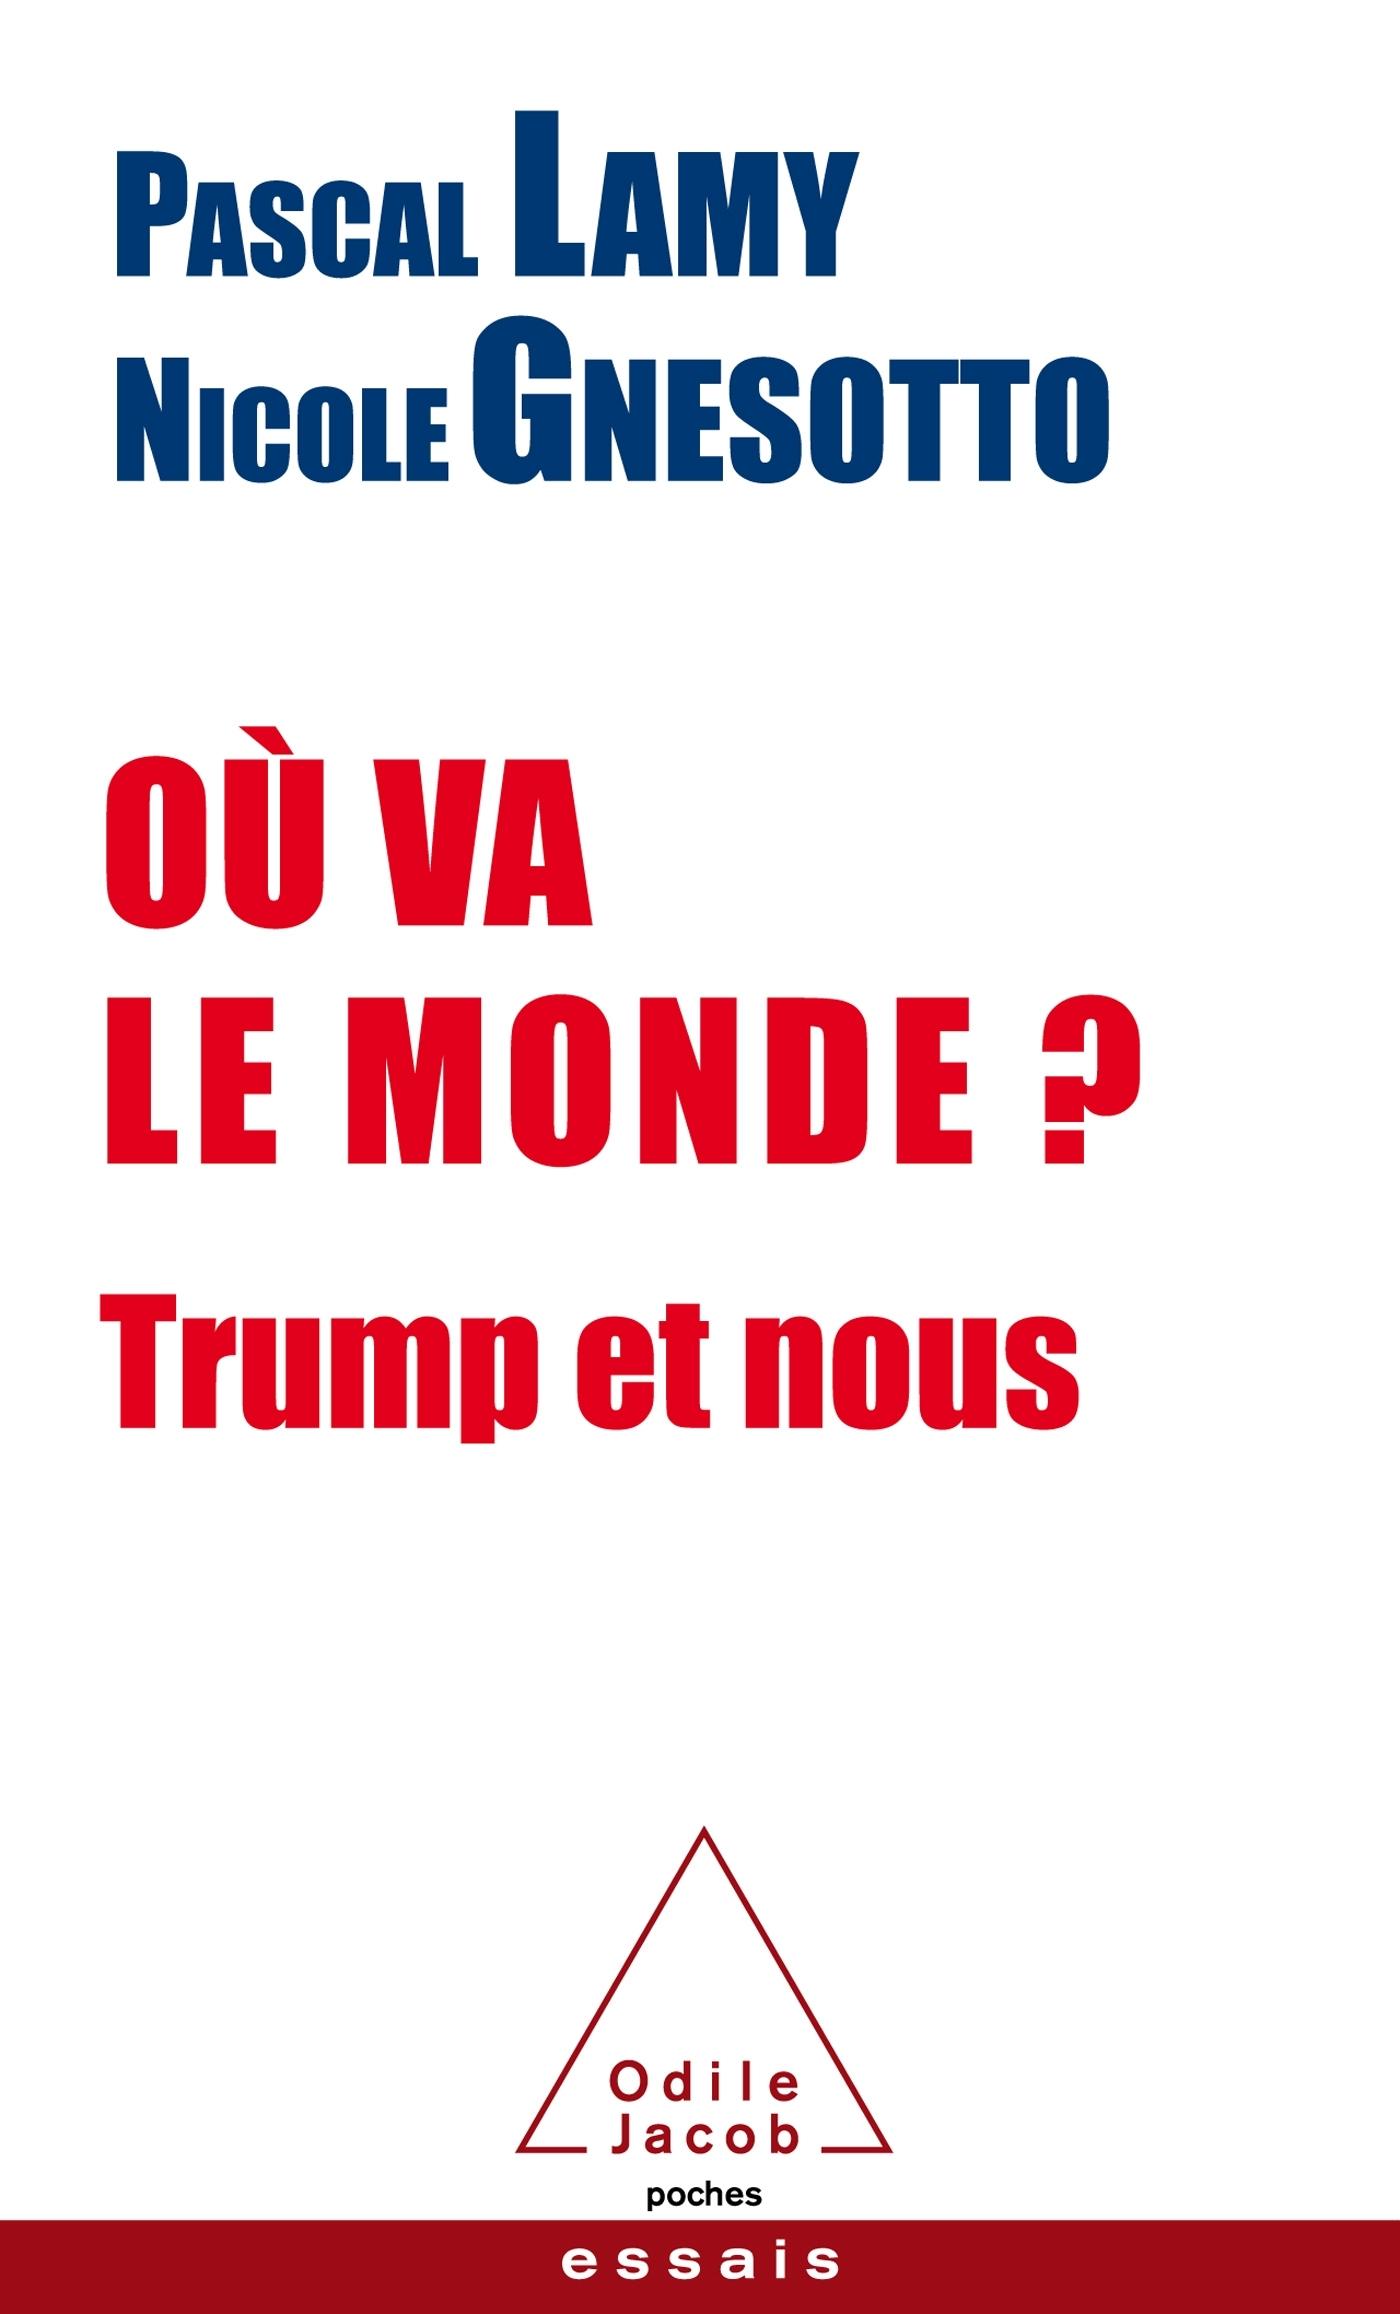 OU VA LE MONDE? - DESATRE OU RENAISSANCE